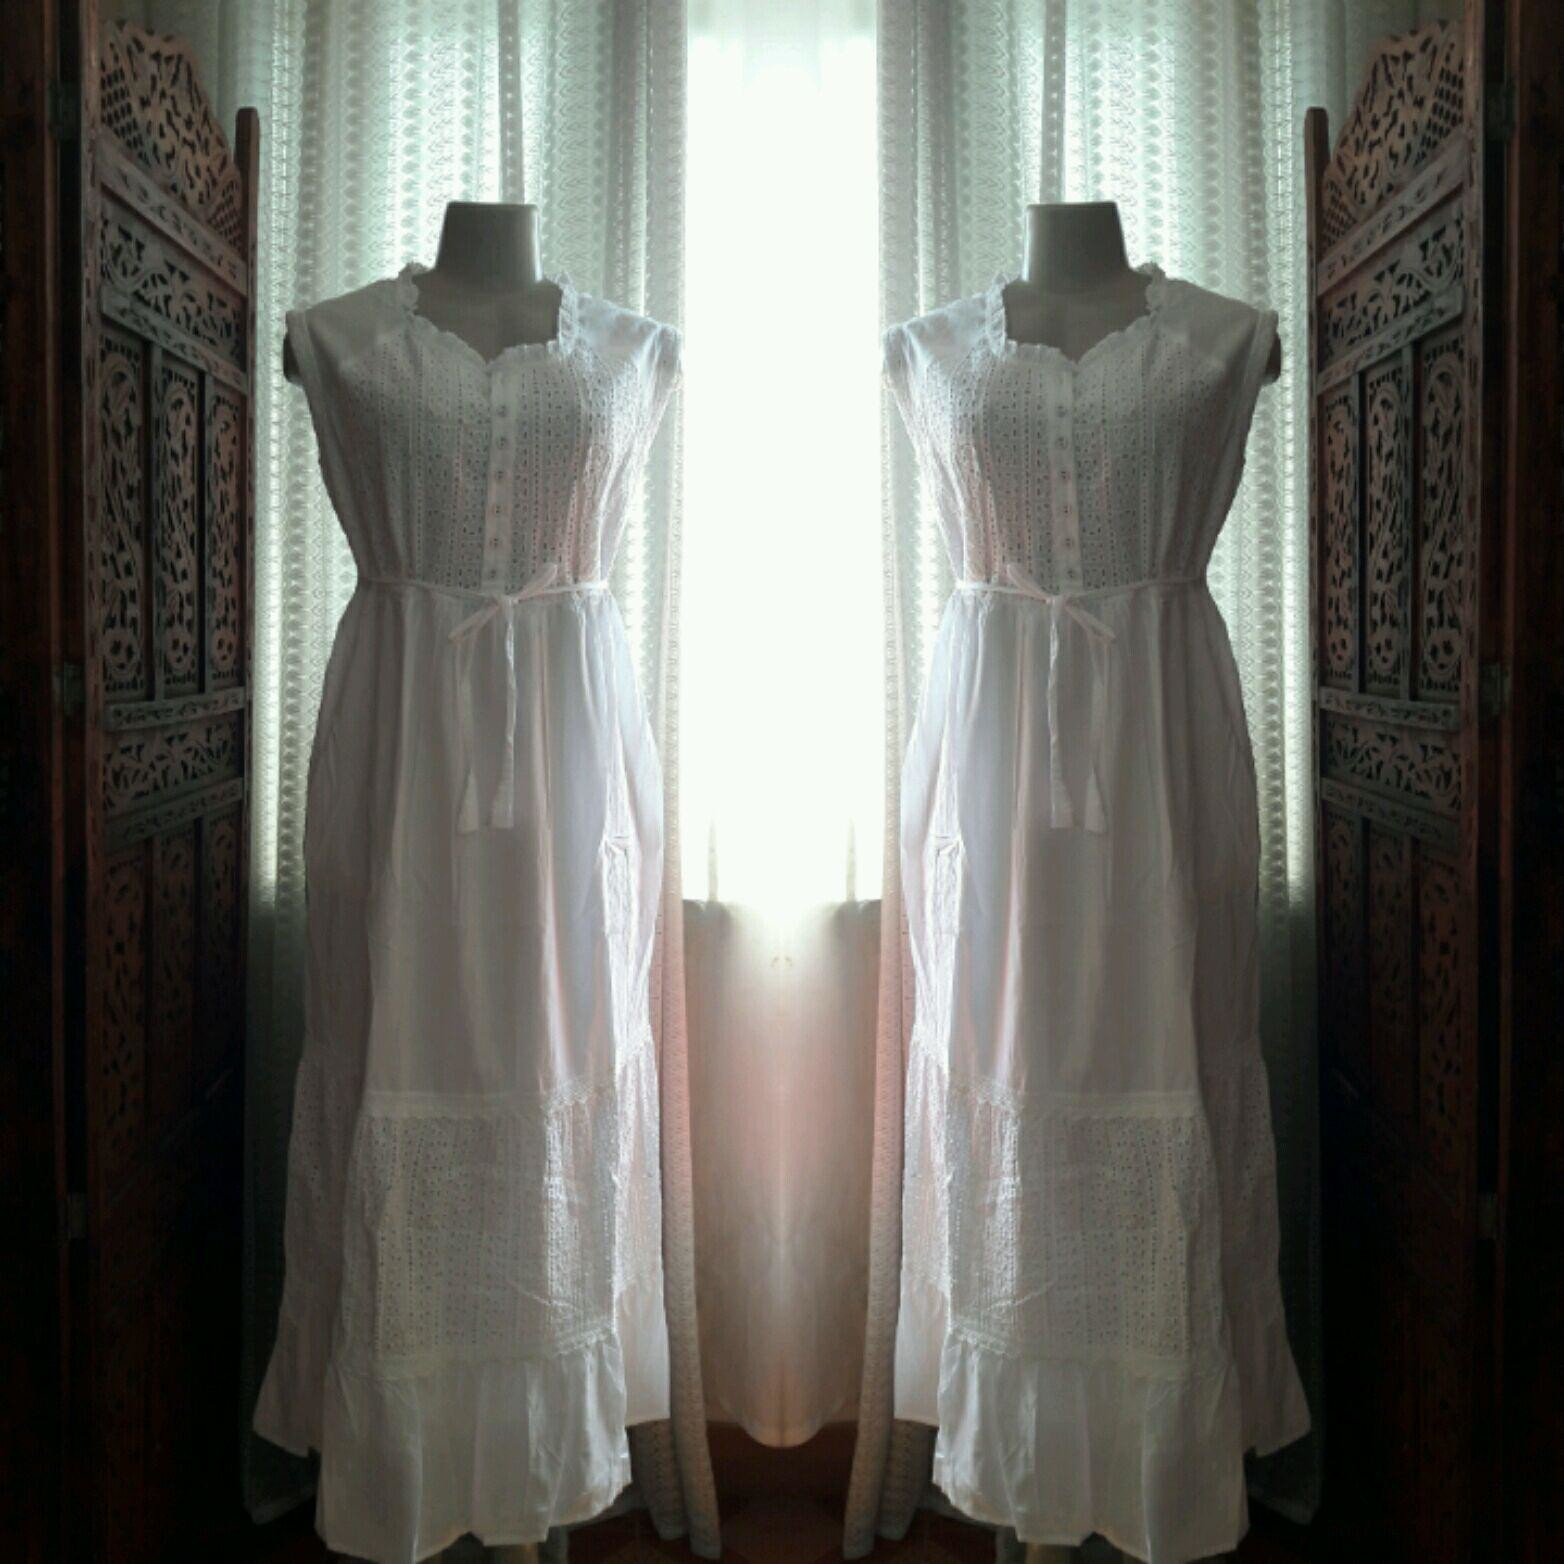 af1470d0ab52 vestido branco longo algodão laise renda grupir festa no Elo7 | Belíssima  Moda Criativa Bordados e Rendas - Ateliêr Artesanal (DFA82F)